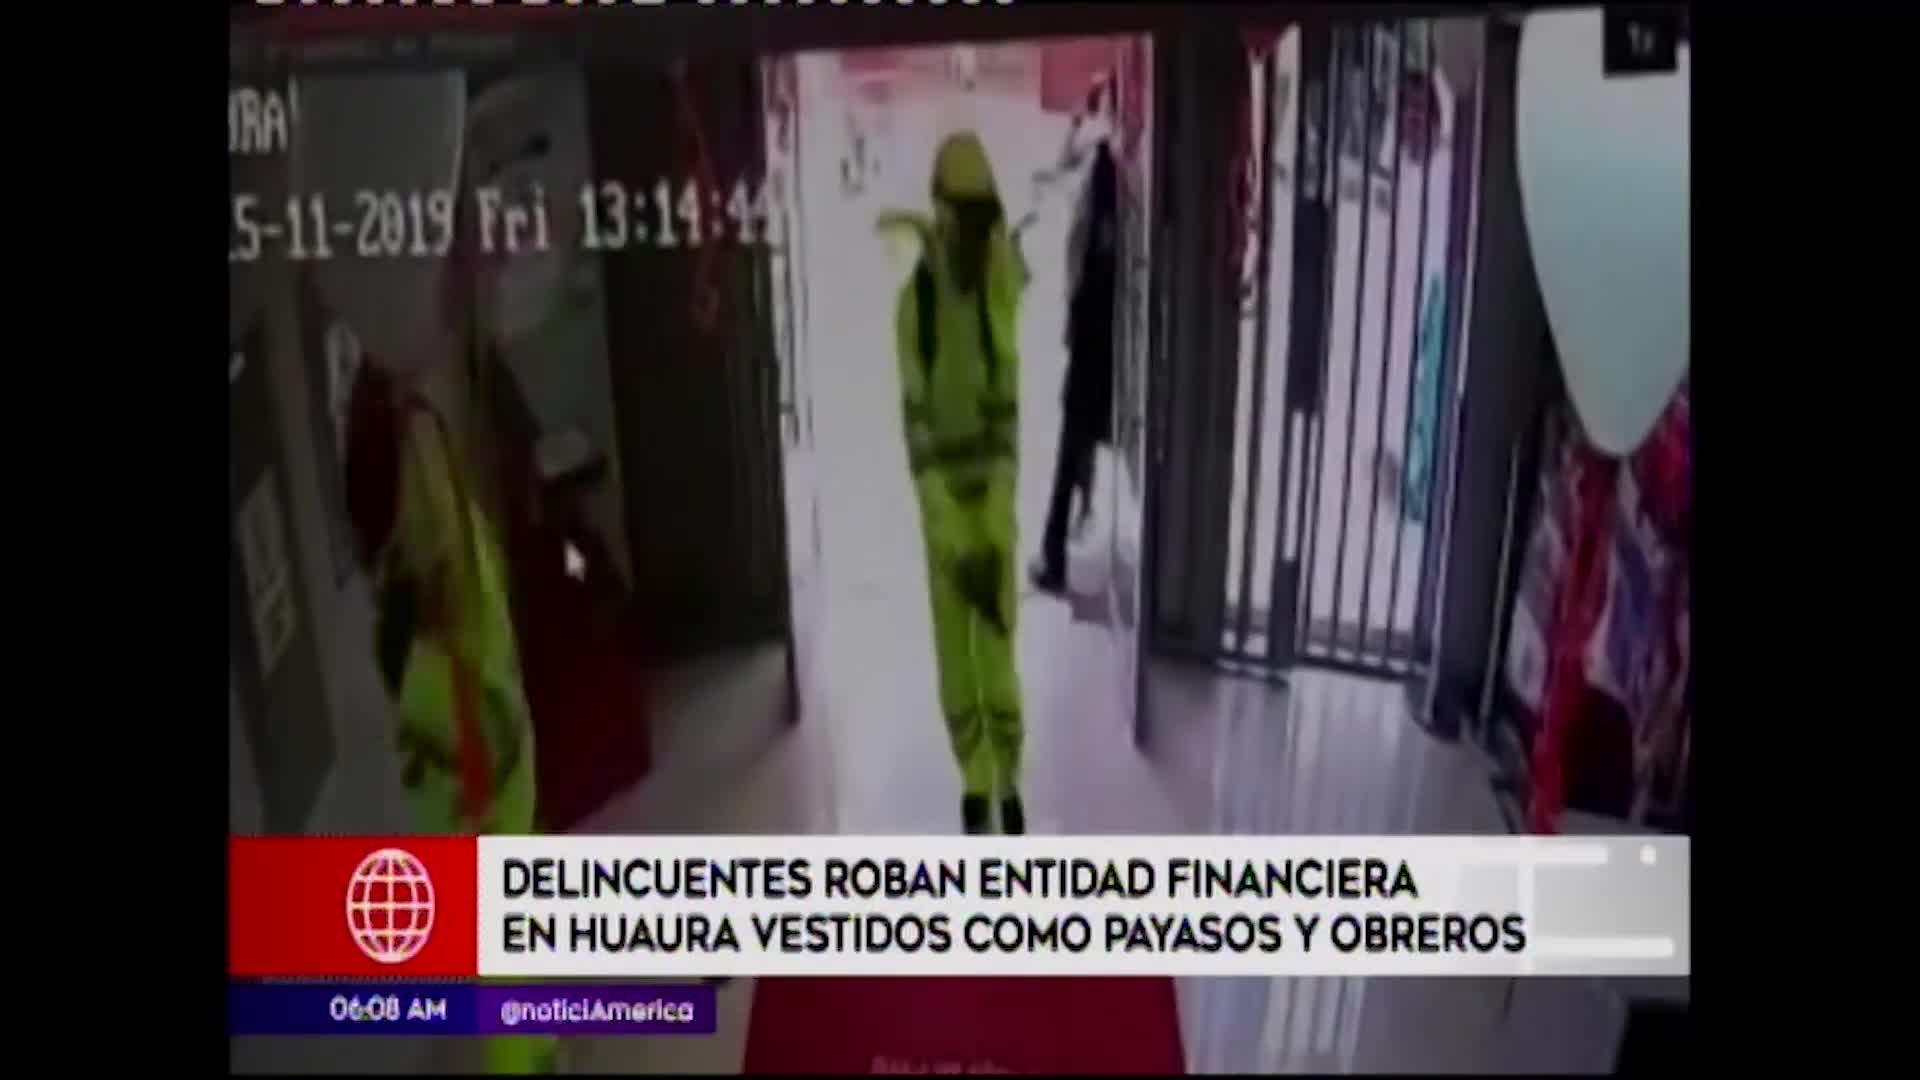 Huaura: delincuentes se disfrazan de payasos y obreros para robar financiera